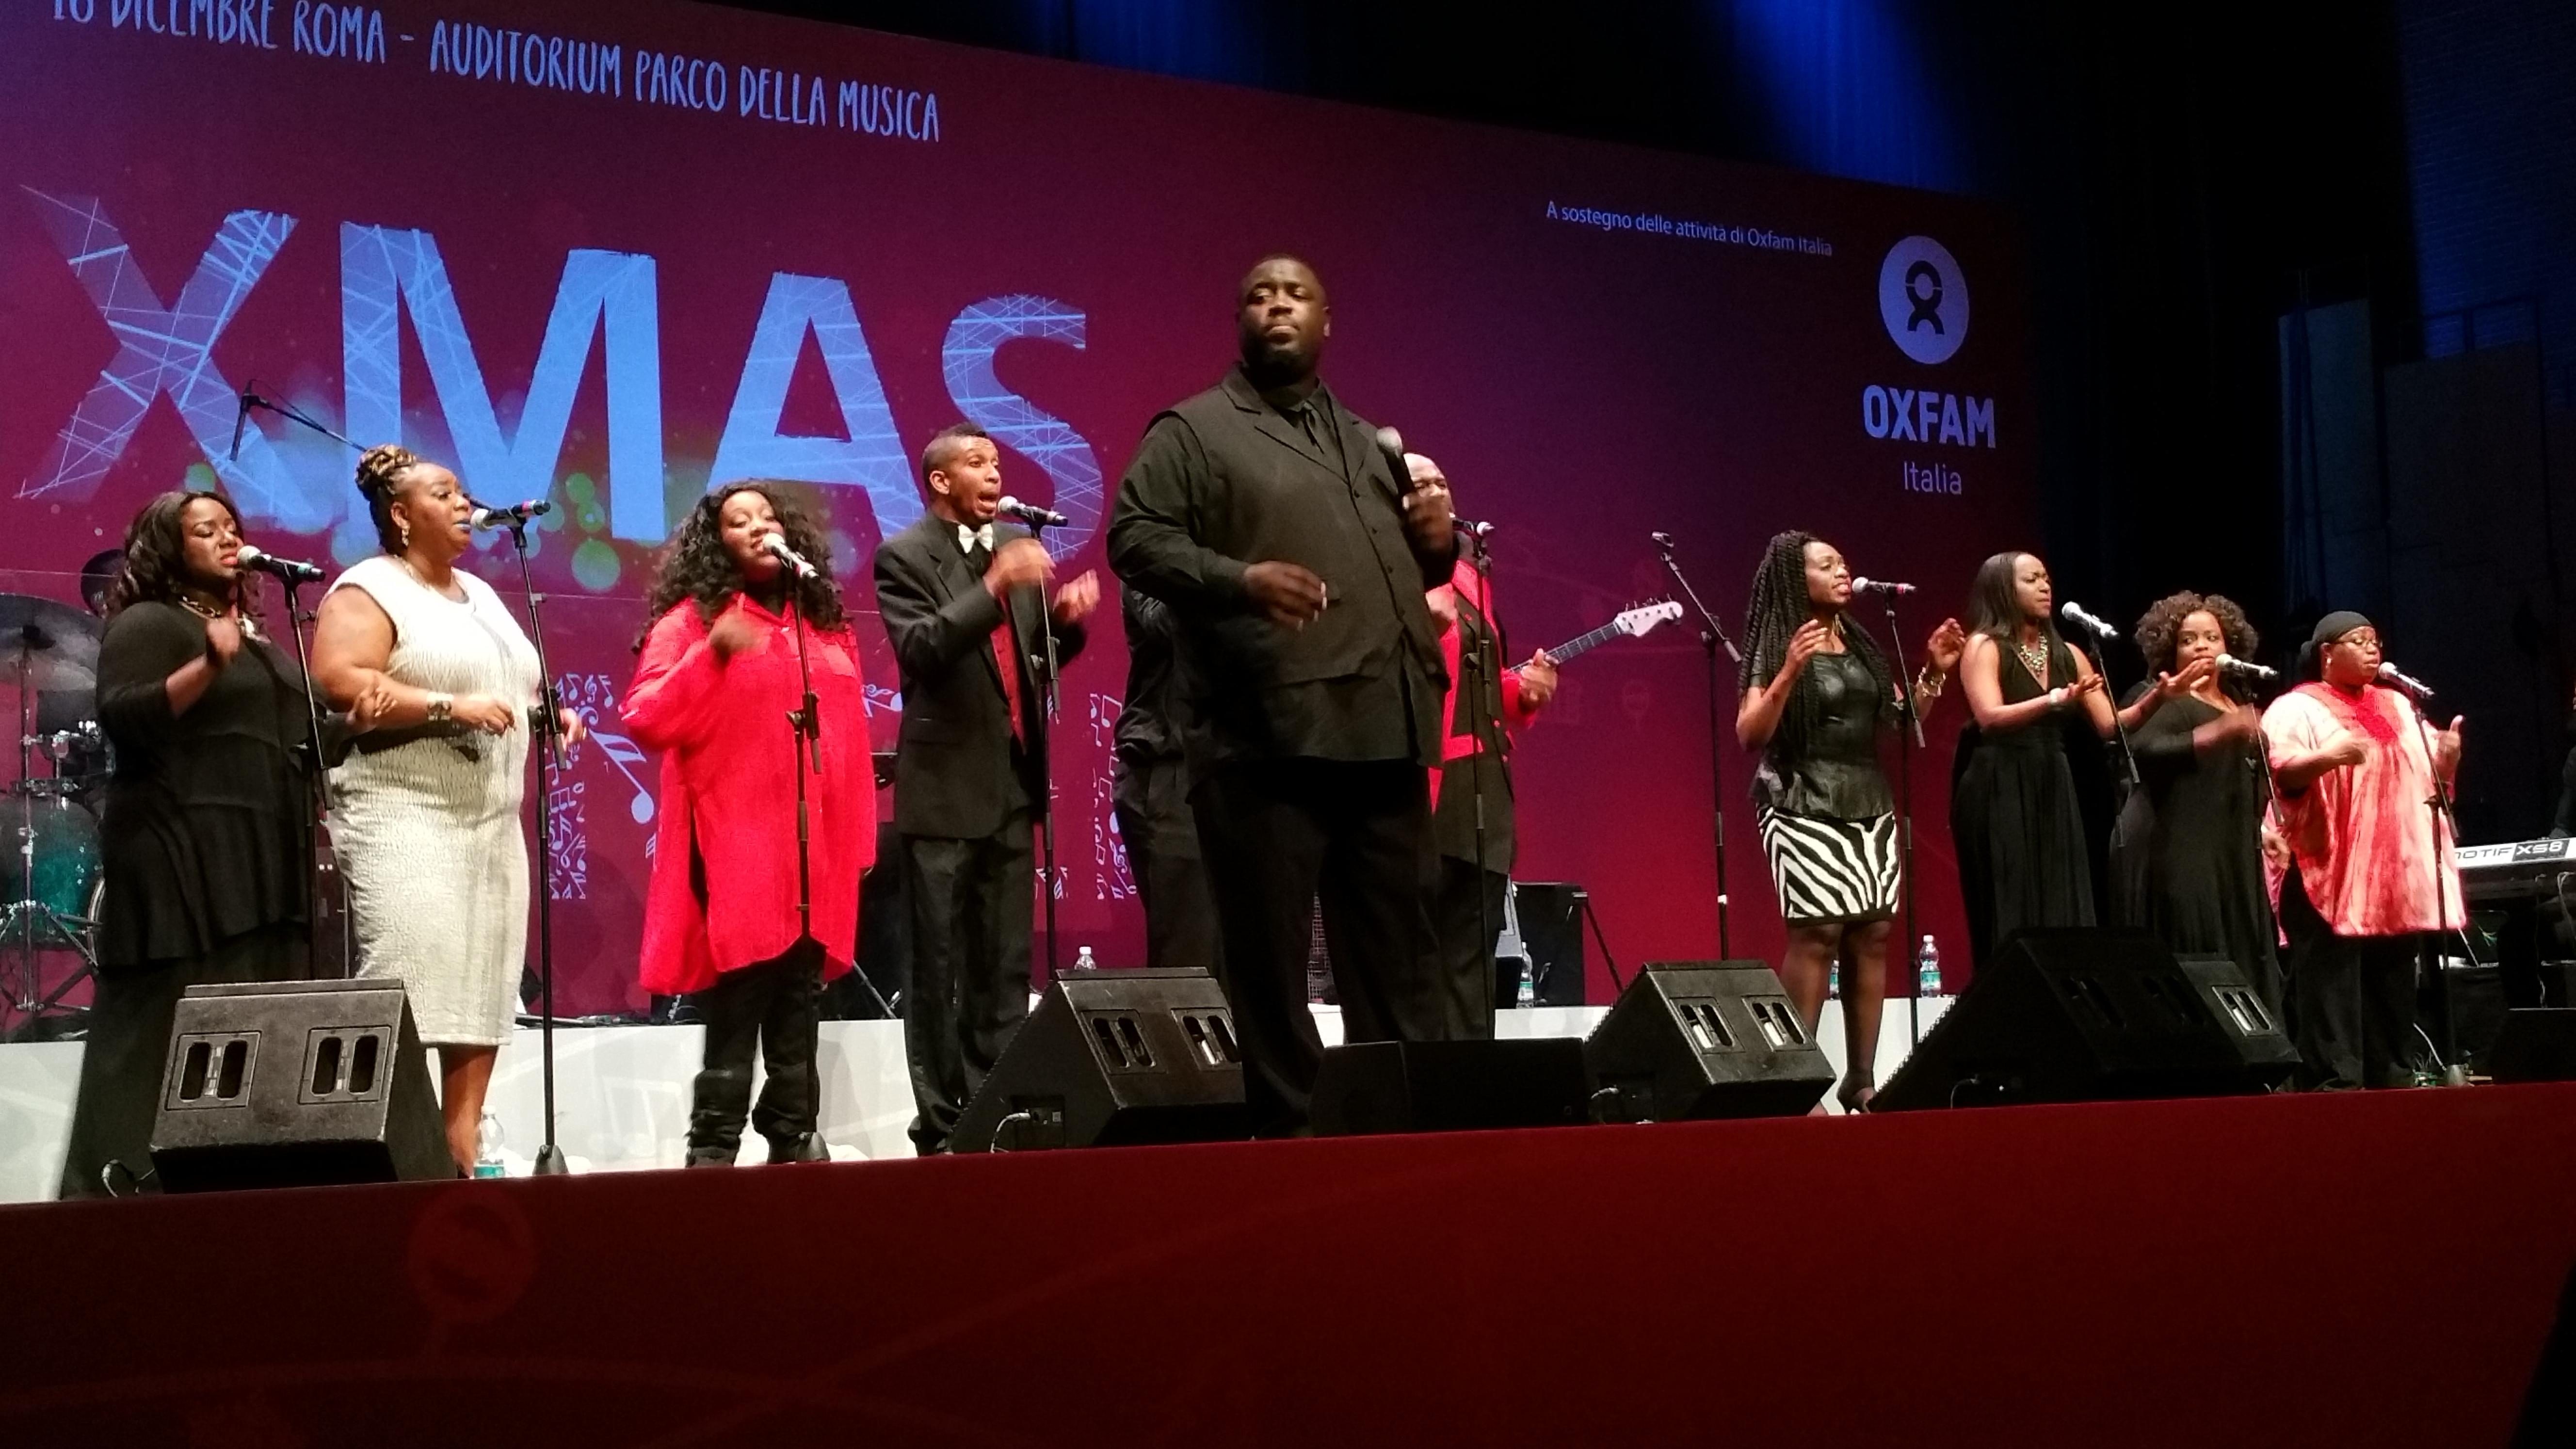 """Prosegue il """"Roma Gospel Festival"""" all'Auditorium Parco della Musica, all'interno della manifestazione """"Natale all'Auditorium"""". Ieri sera è stata la volta degli United Voices of Faith (UVOF), una formazione eterogenea composta […]"""